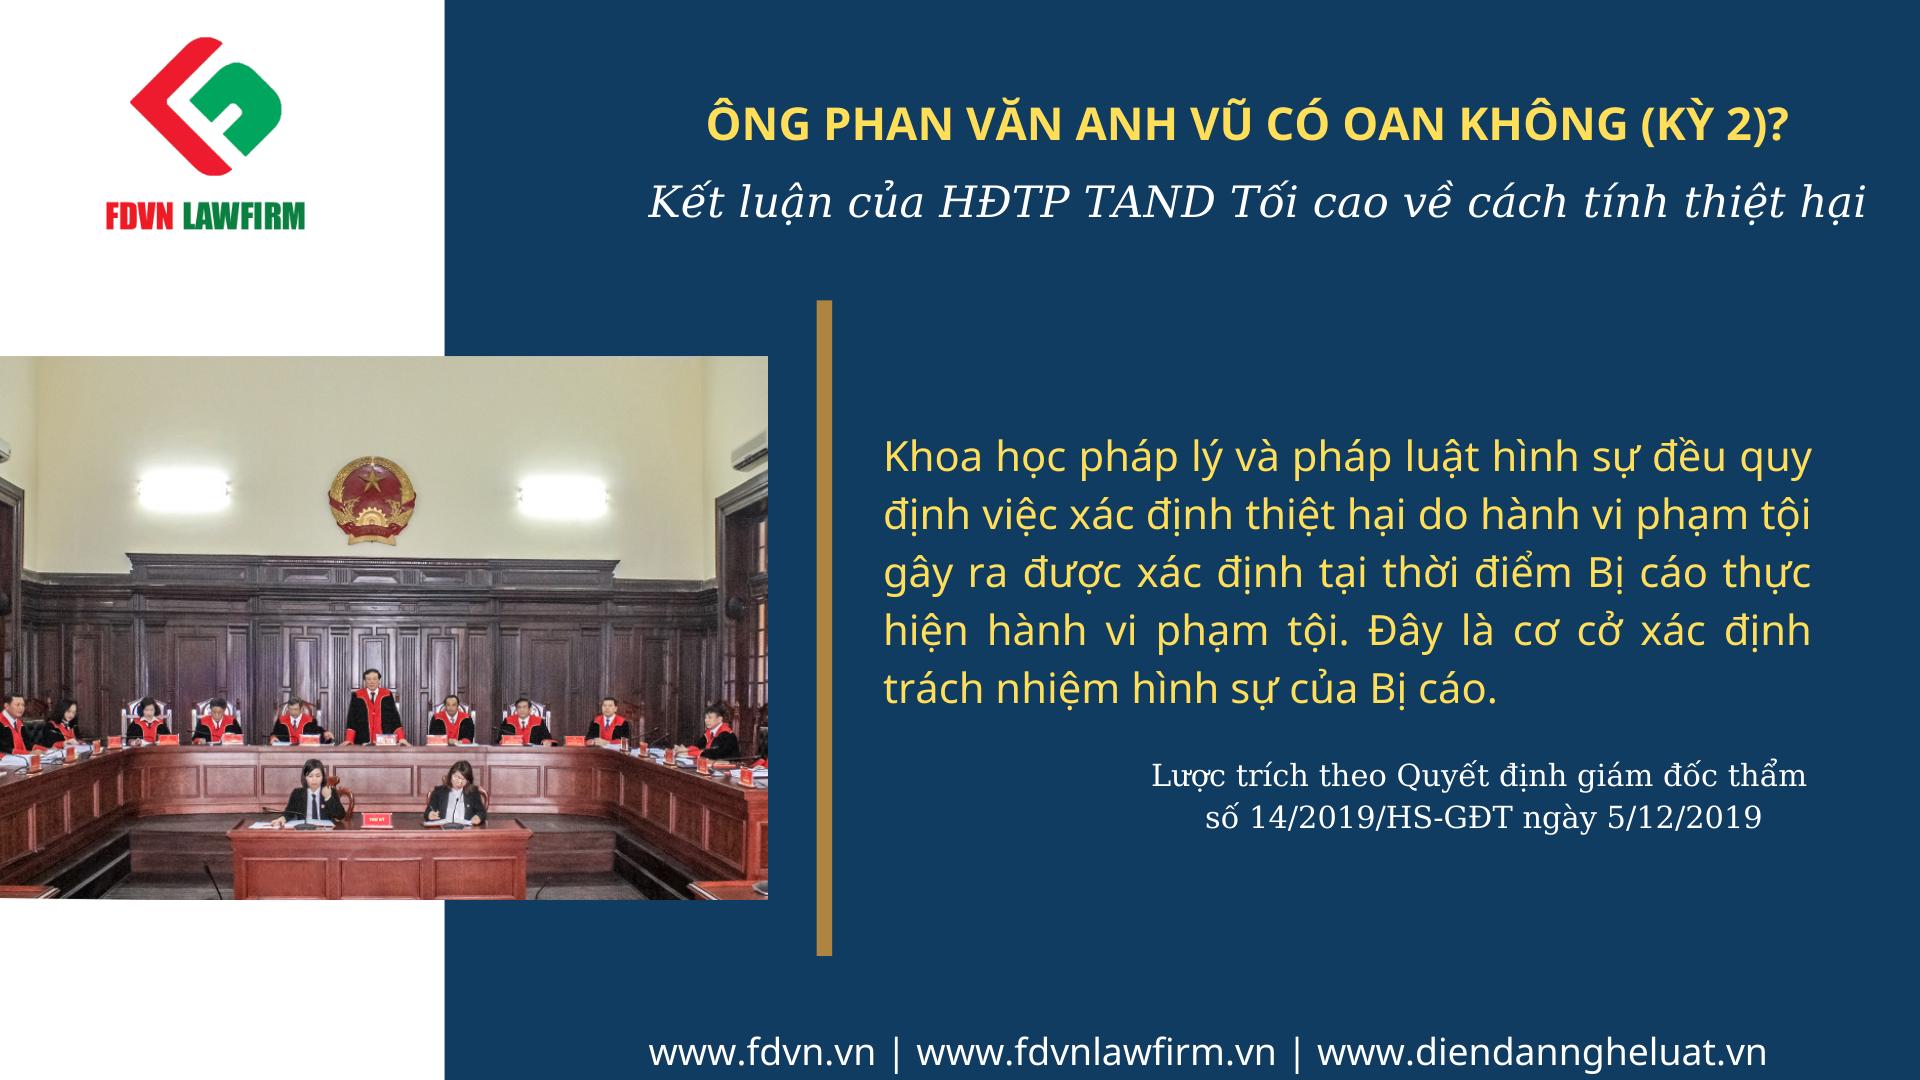 Ghim Tren Fdvn Law Firm